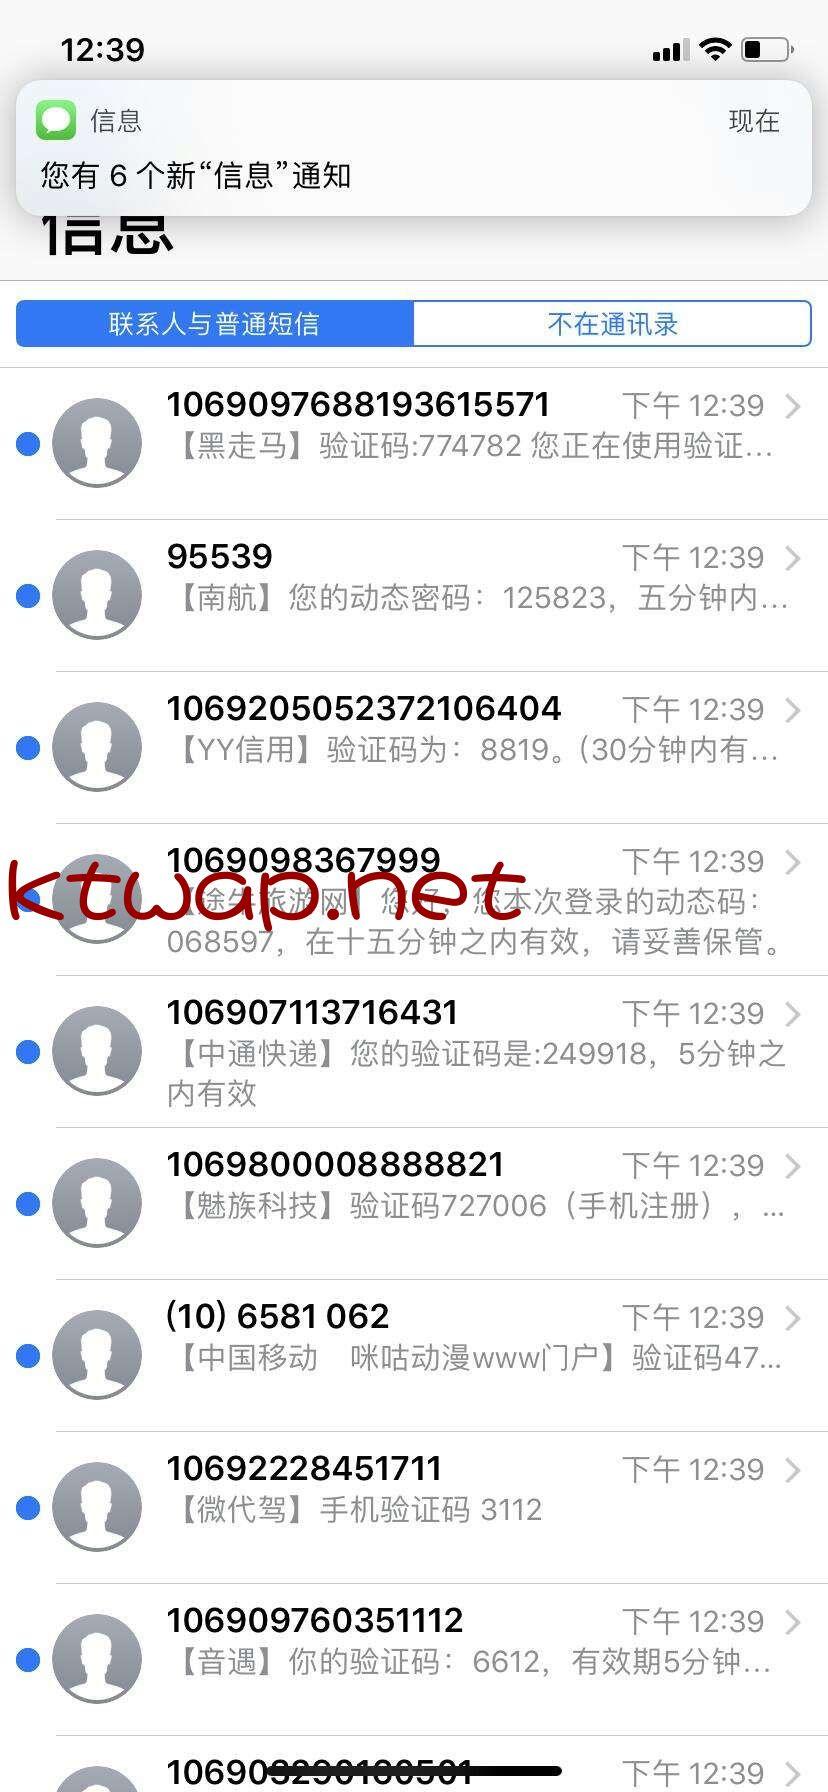 【分享】短信轰炸机 源码与使用  电话轰炸 同理